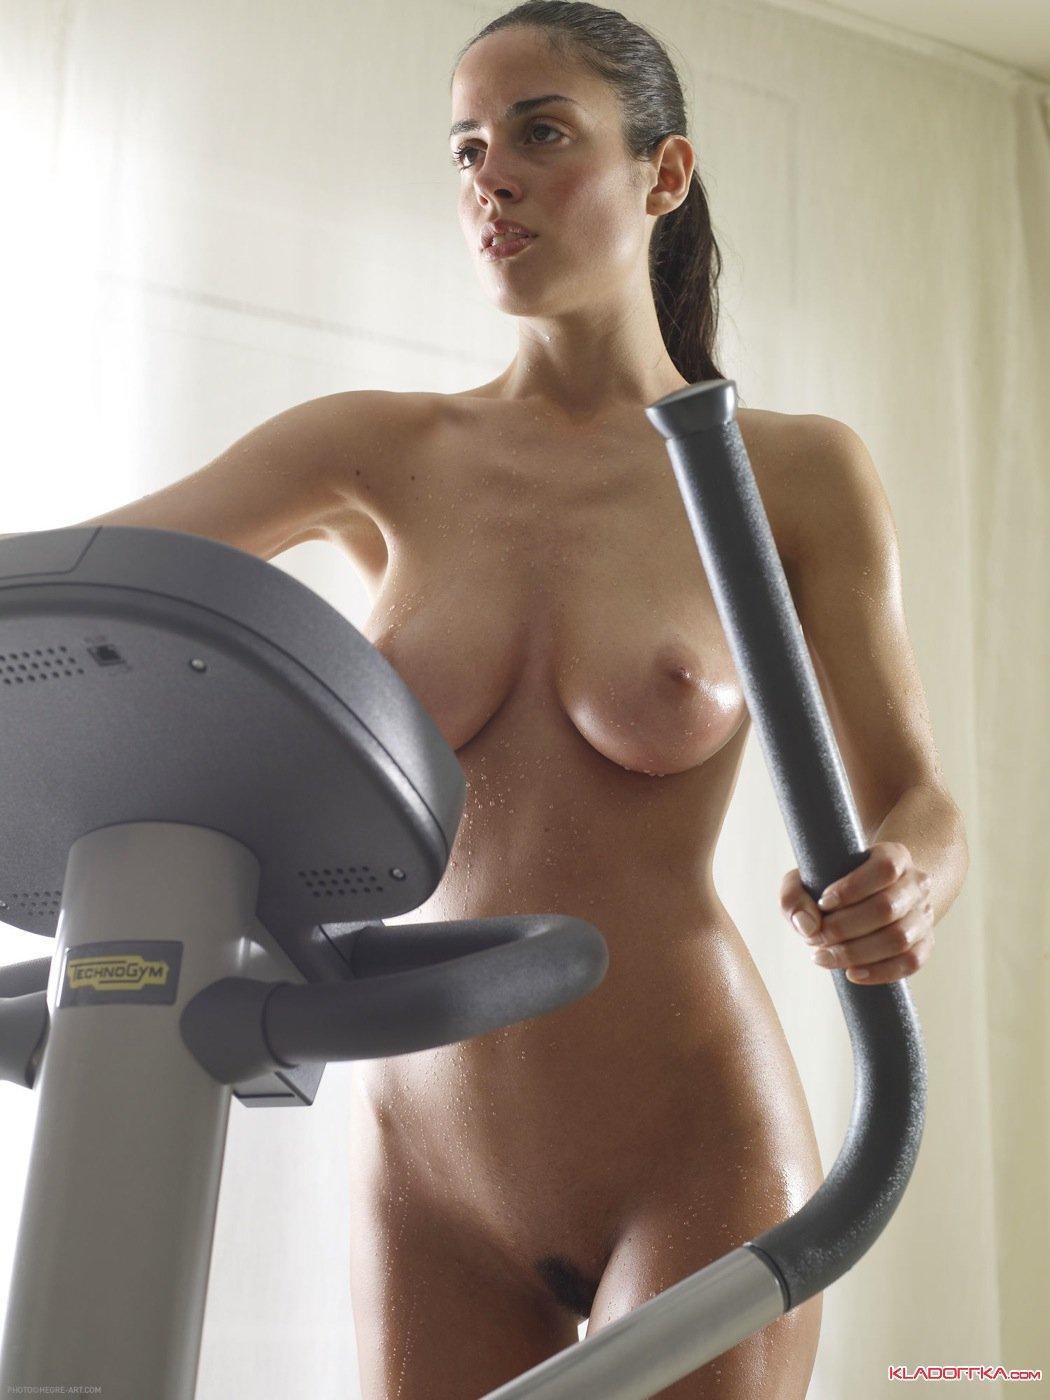 Nude sexy treadmill